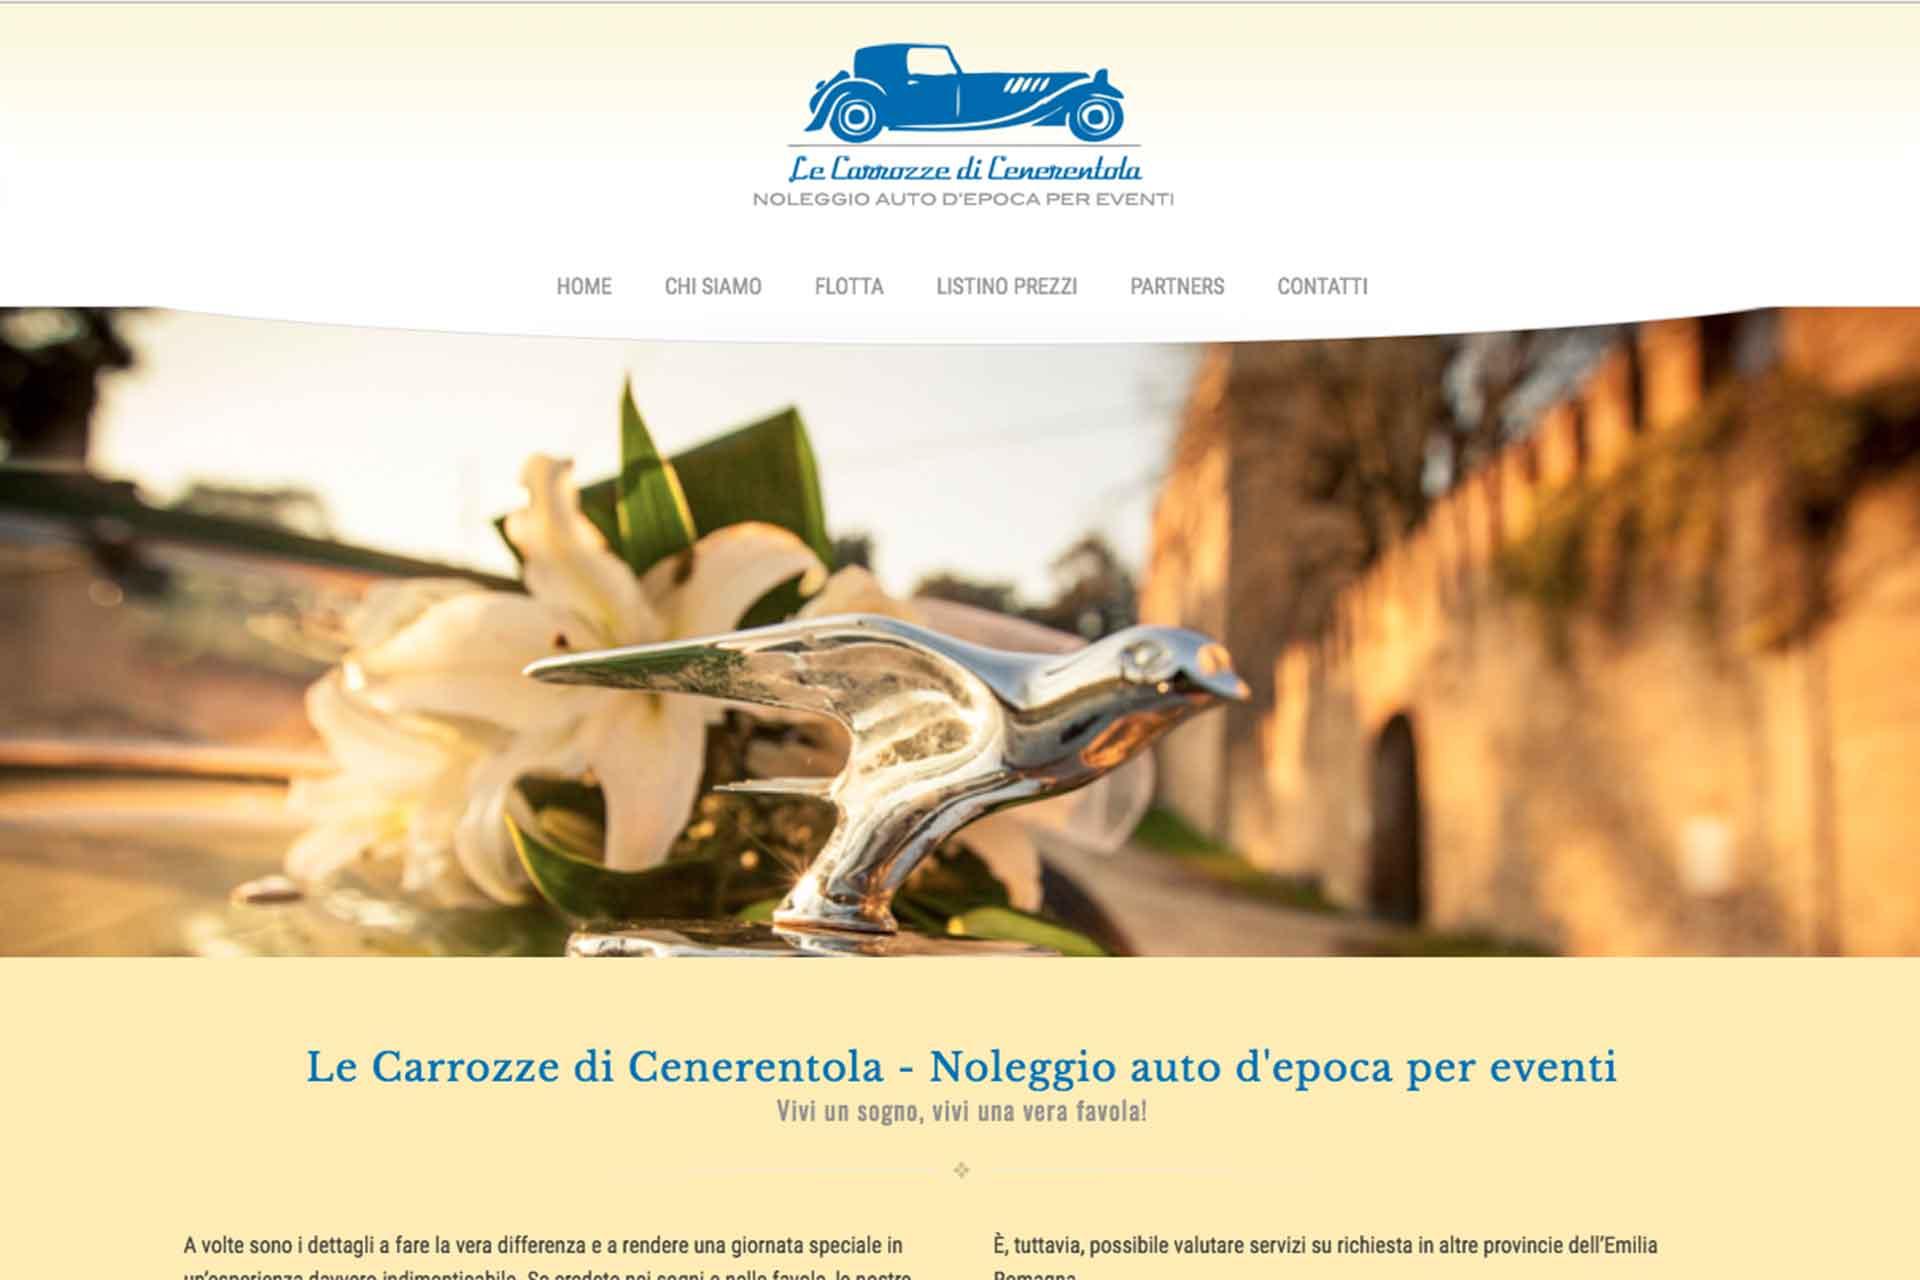 lv-design-realizzazione-siti-web-bologna-portfolio-le-carrozze-di-cenerentola-slide-1